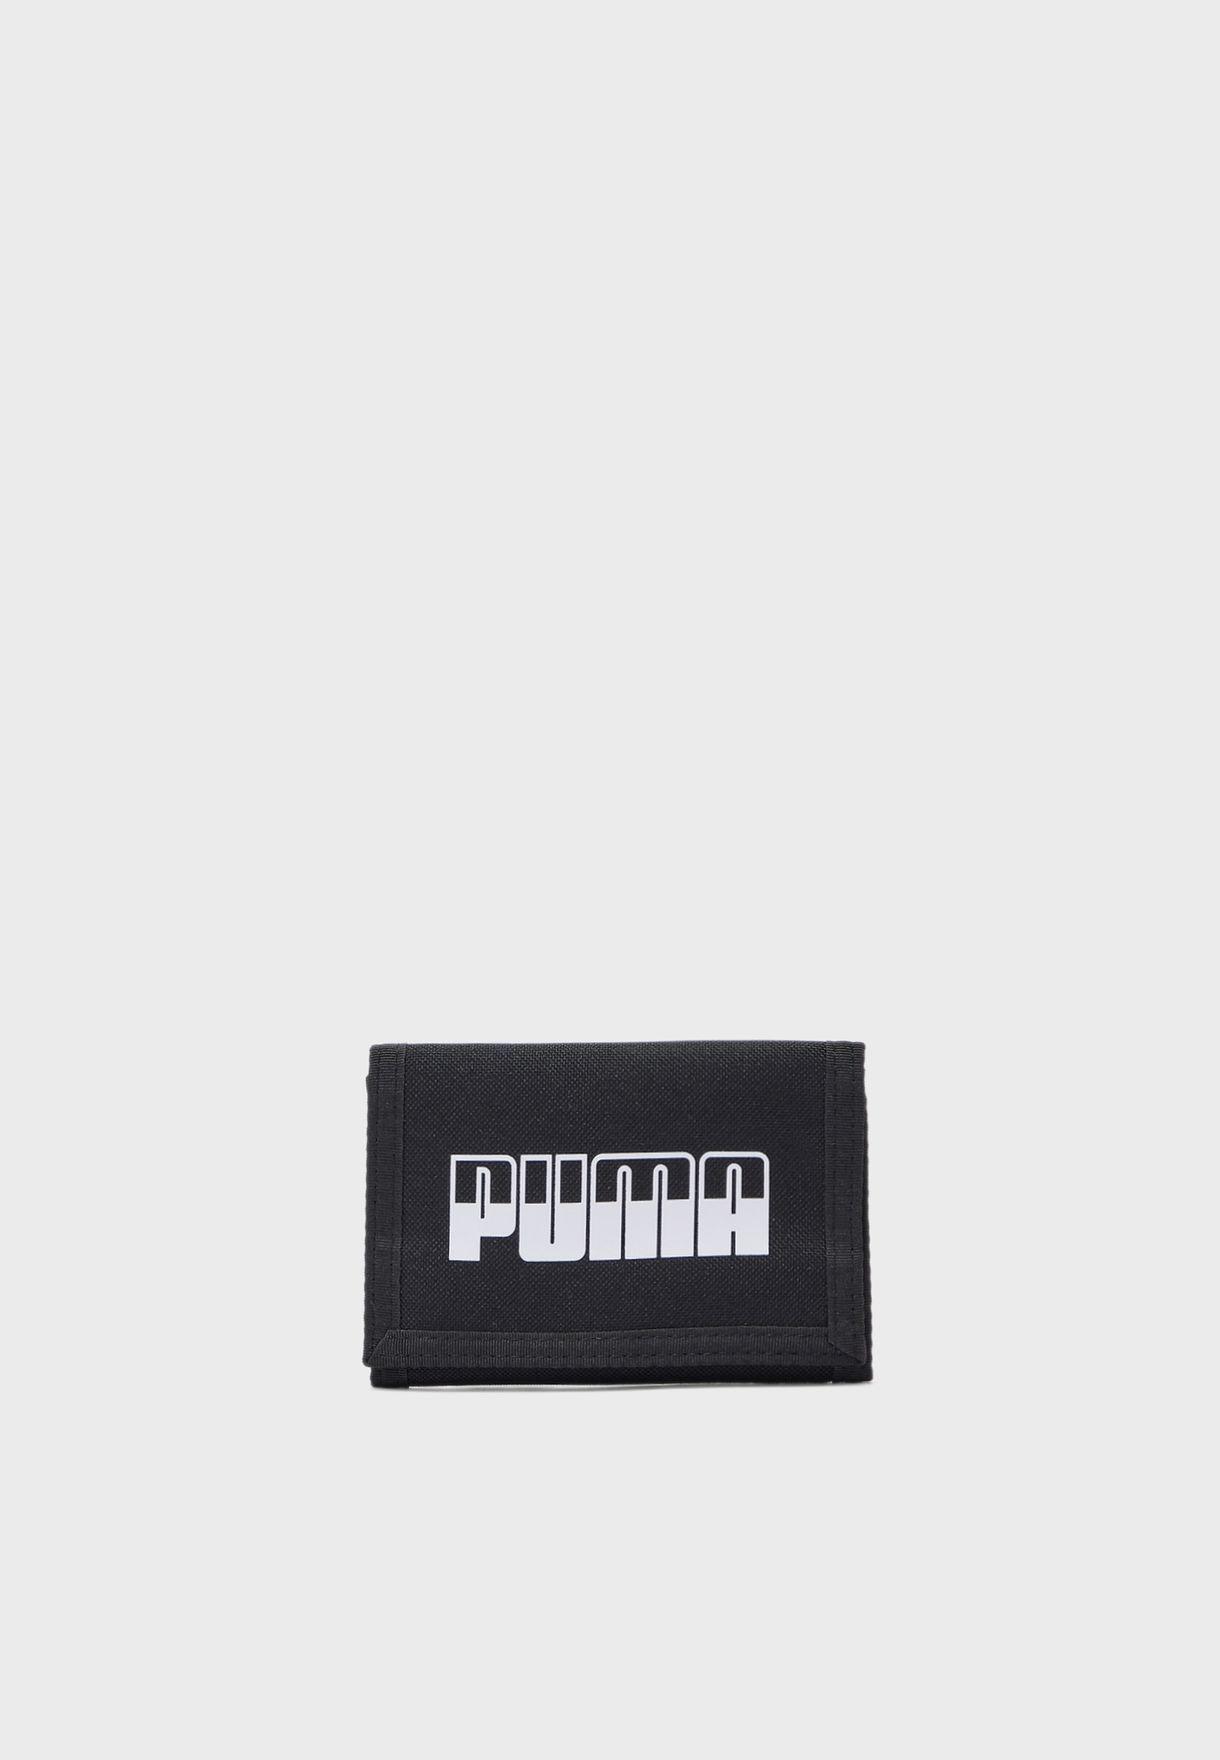 Plus Wallet II